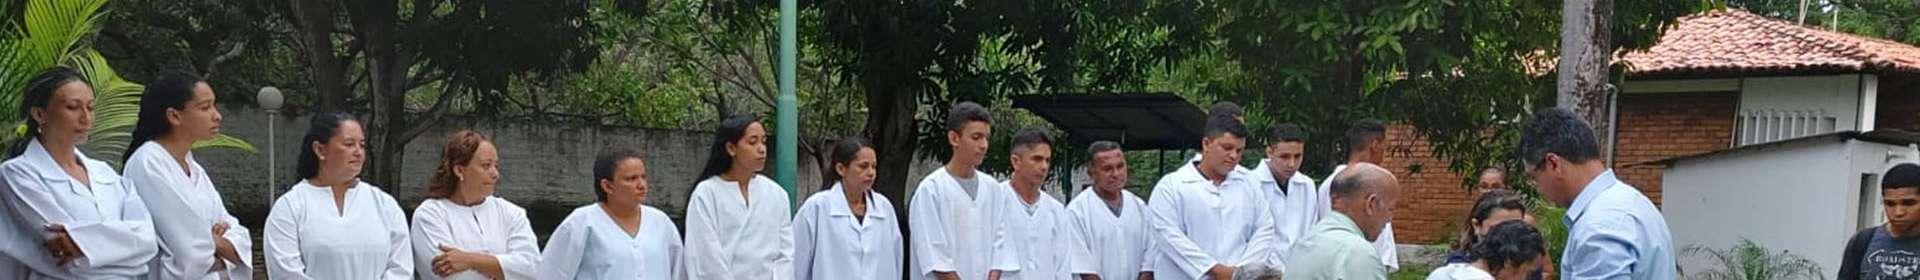 Batismos realizados por Igrejas Cristã Maranata em janeiro de 2020